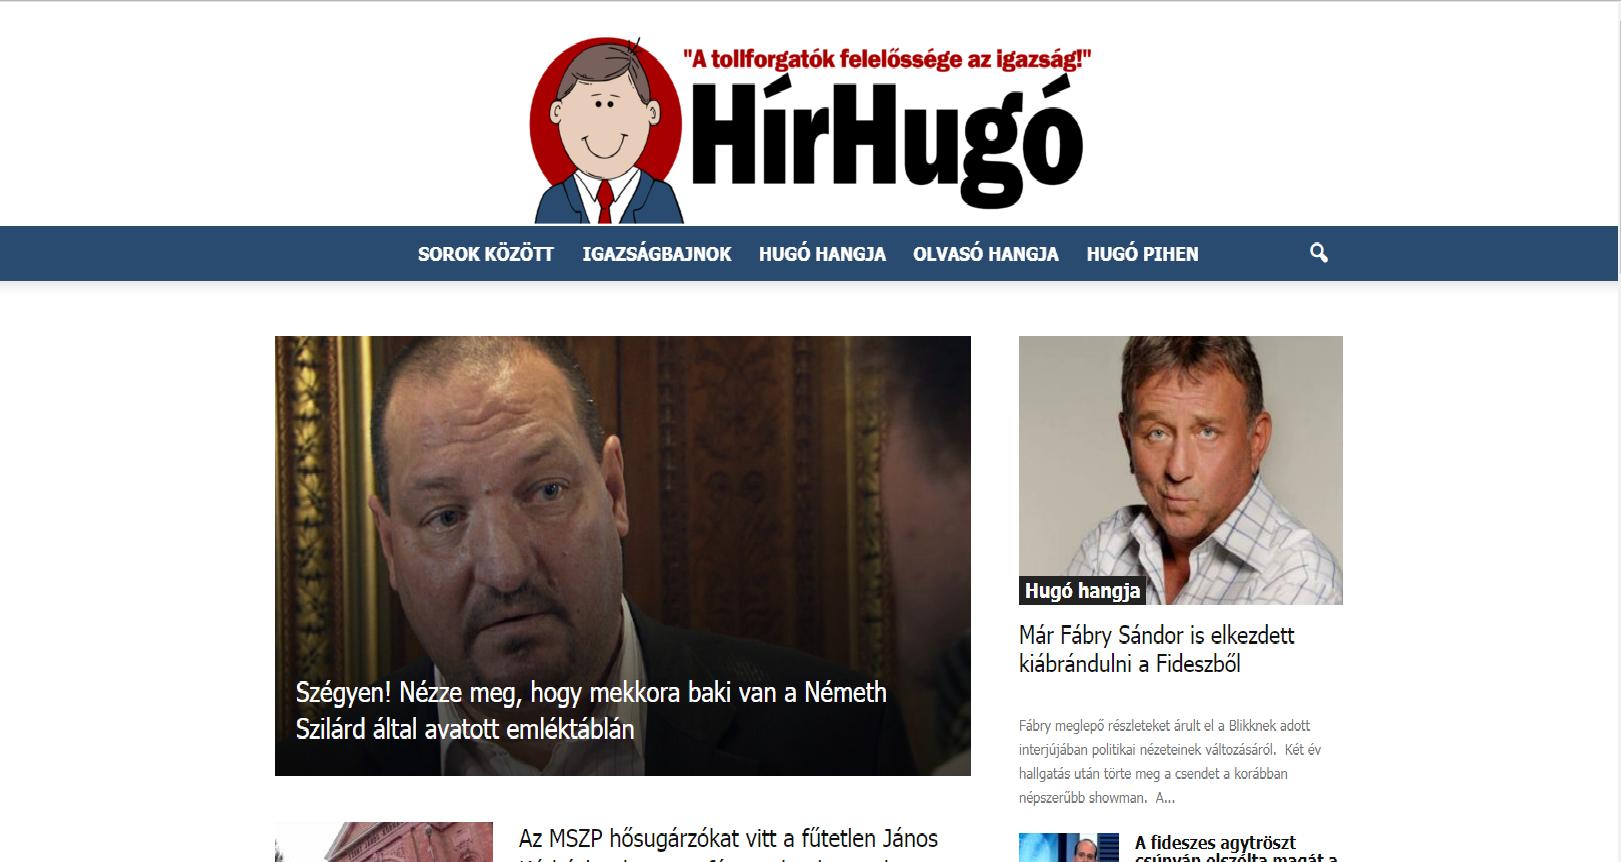 Az MSZP titkos fegyvere egy weboldal: halálos röhögtetéssel csinálja ki a Fideszt és az olvasót a Hír Hugó